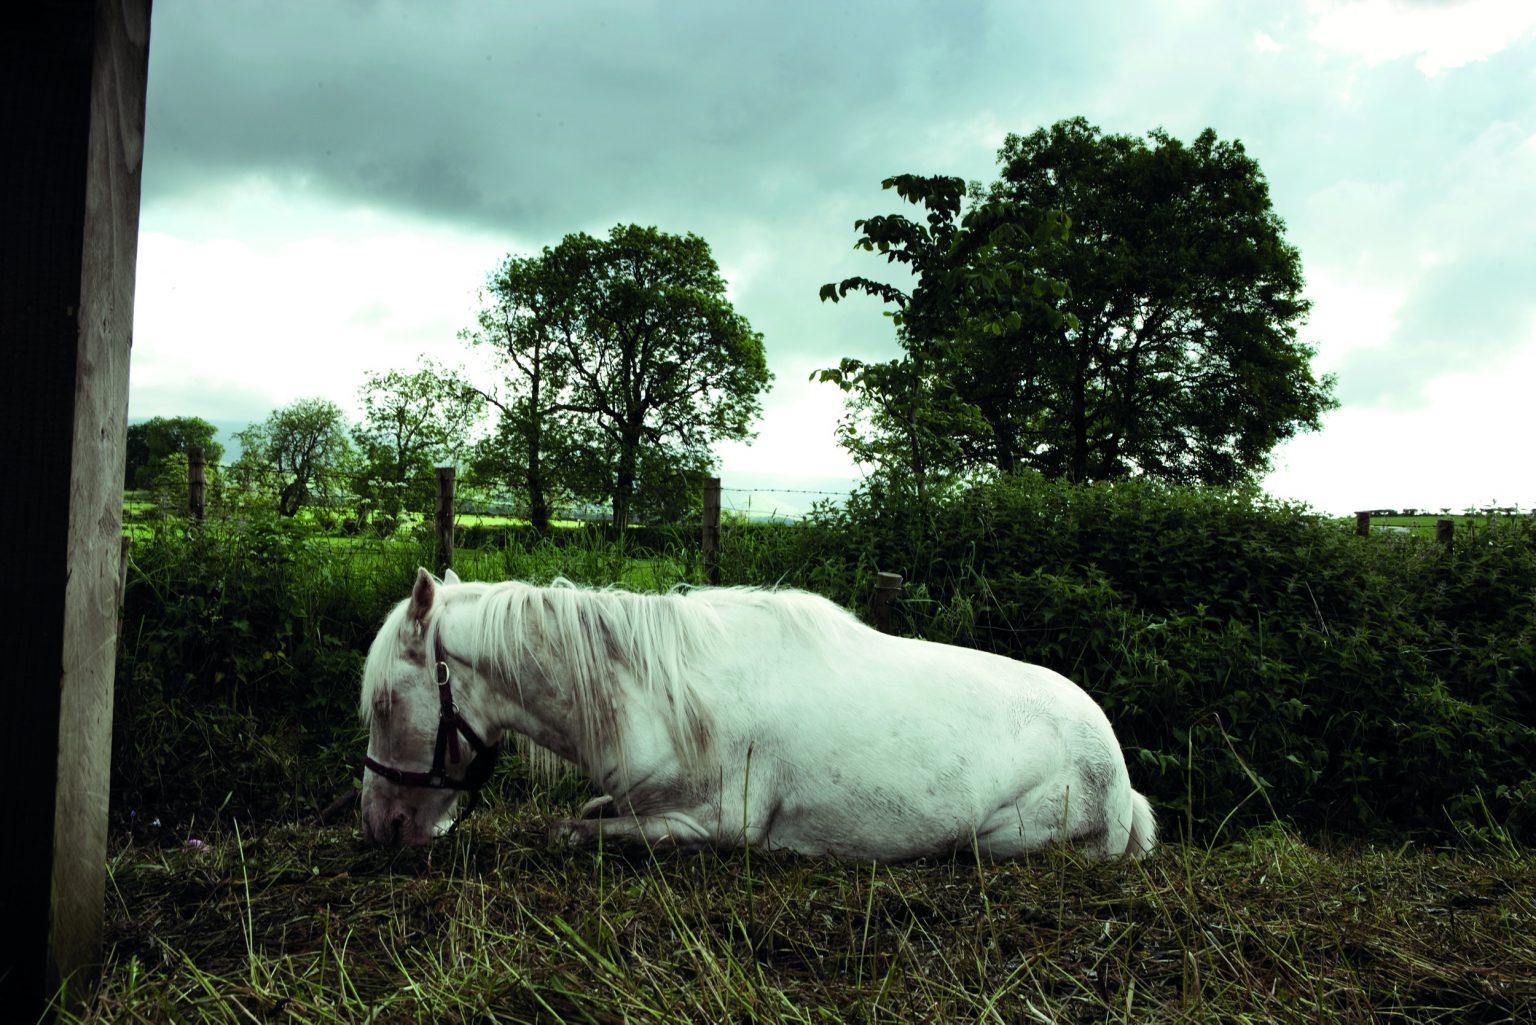 Appleby, United Kingdom, June 2012 - Appleby Horse Fair. Horse resting by the race course in the afternoon. ><  Appleby, Regno Unito, giugno 2012 - Appleby Horse Fair. Un cavallo riposa nei pressi del percorso di gara.